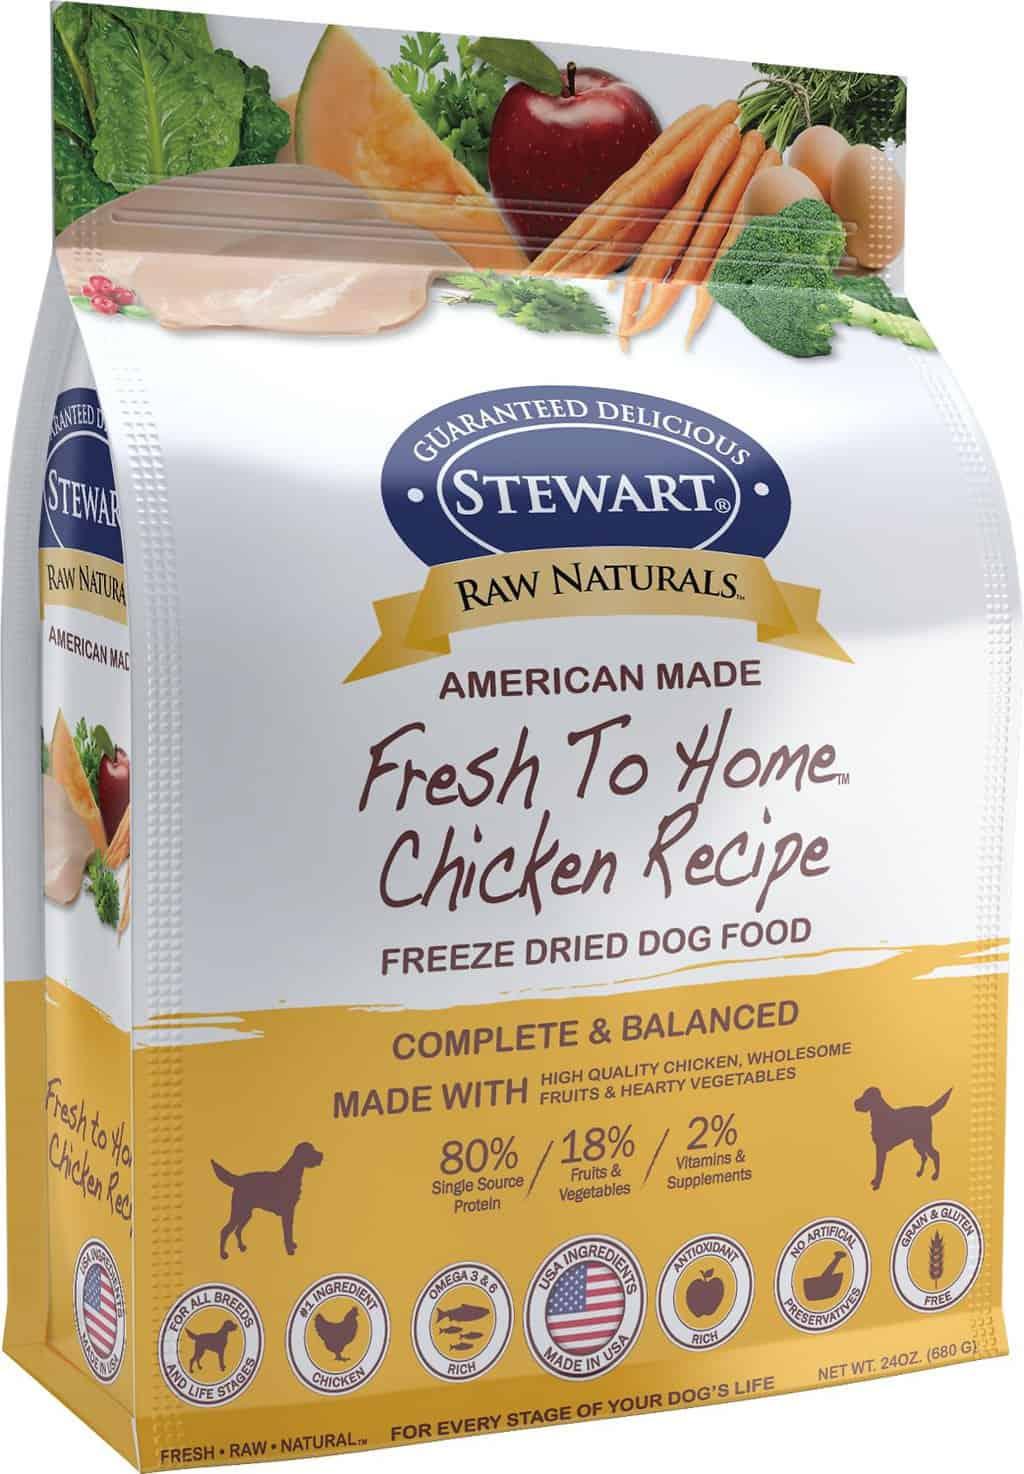 Stewart Raw Naturals Dog Food: [year] Reviews, Recalls & Coupons 11